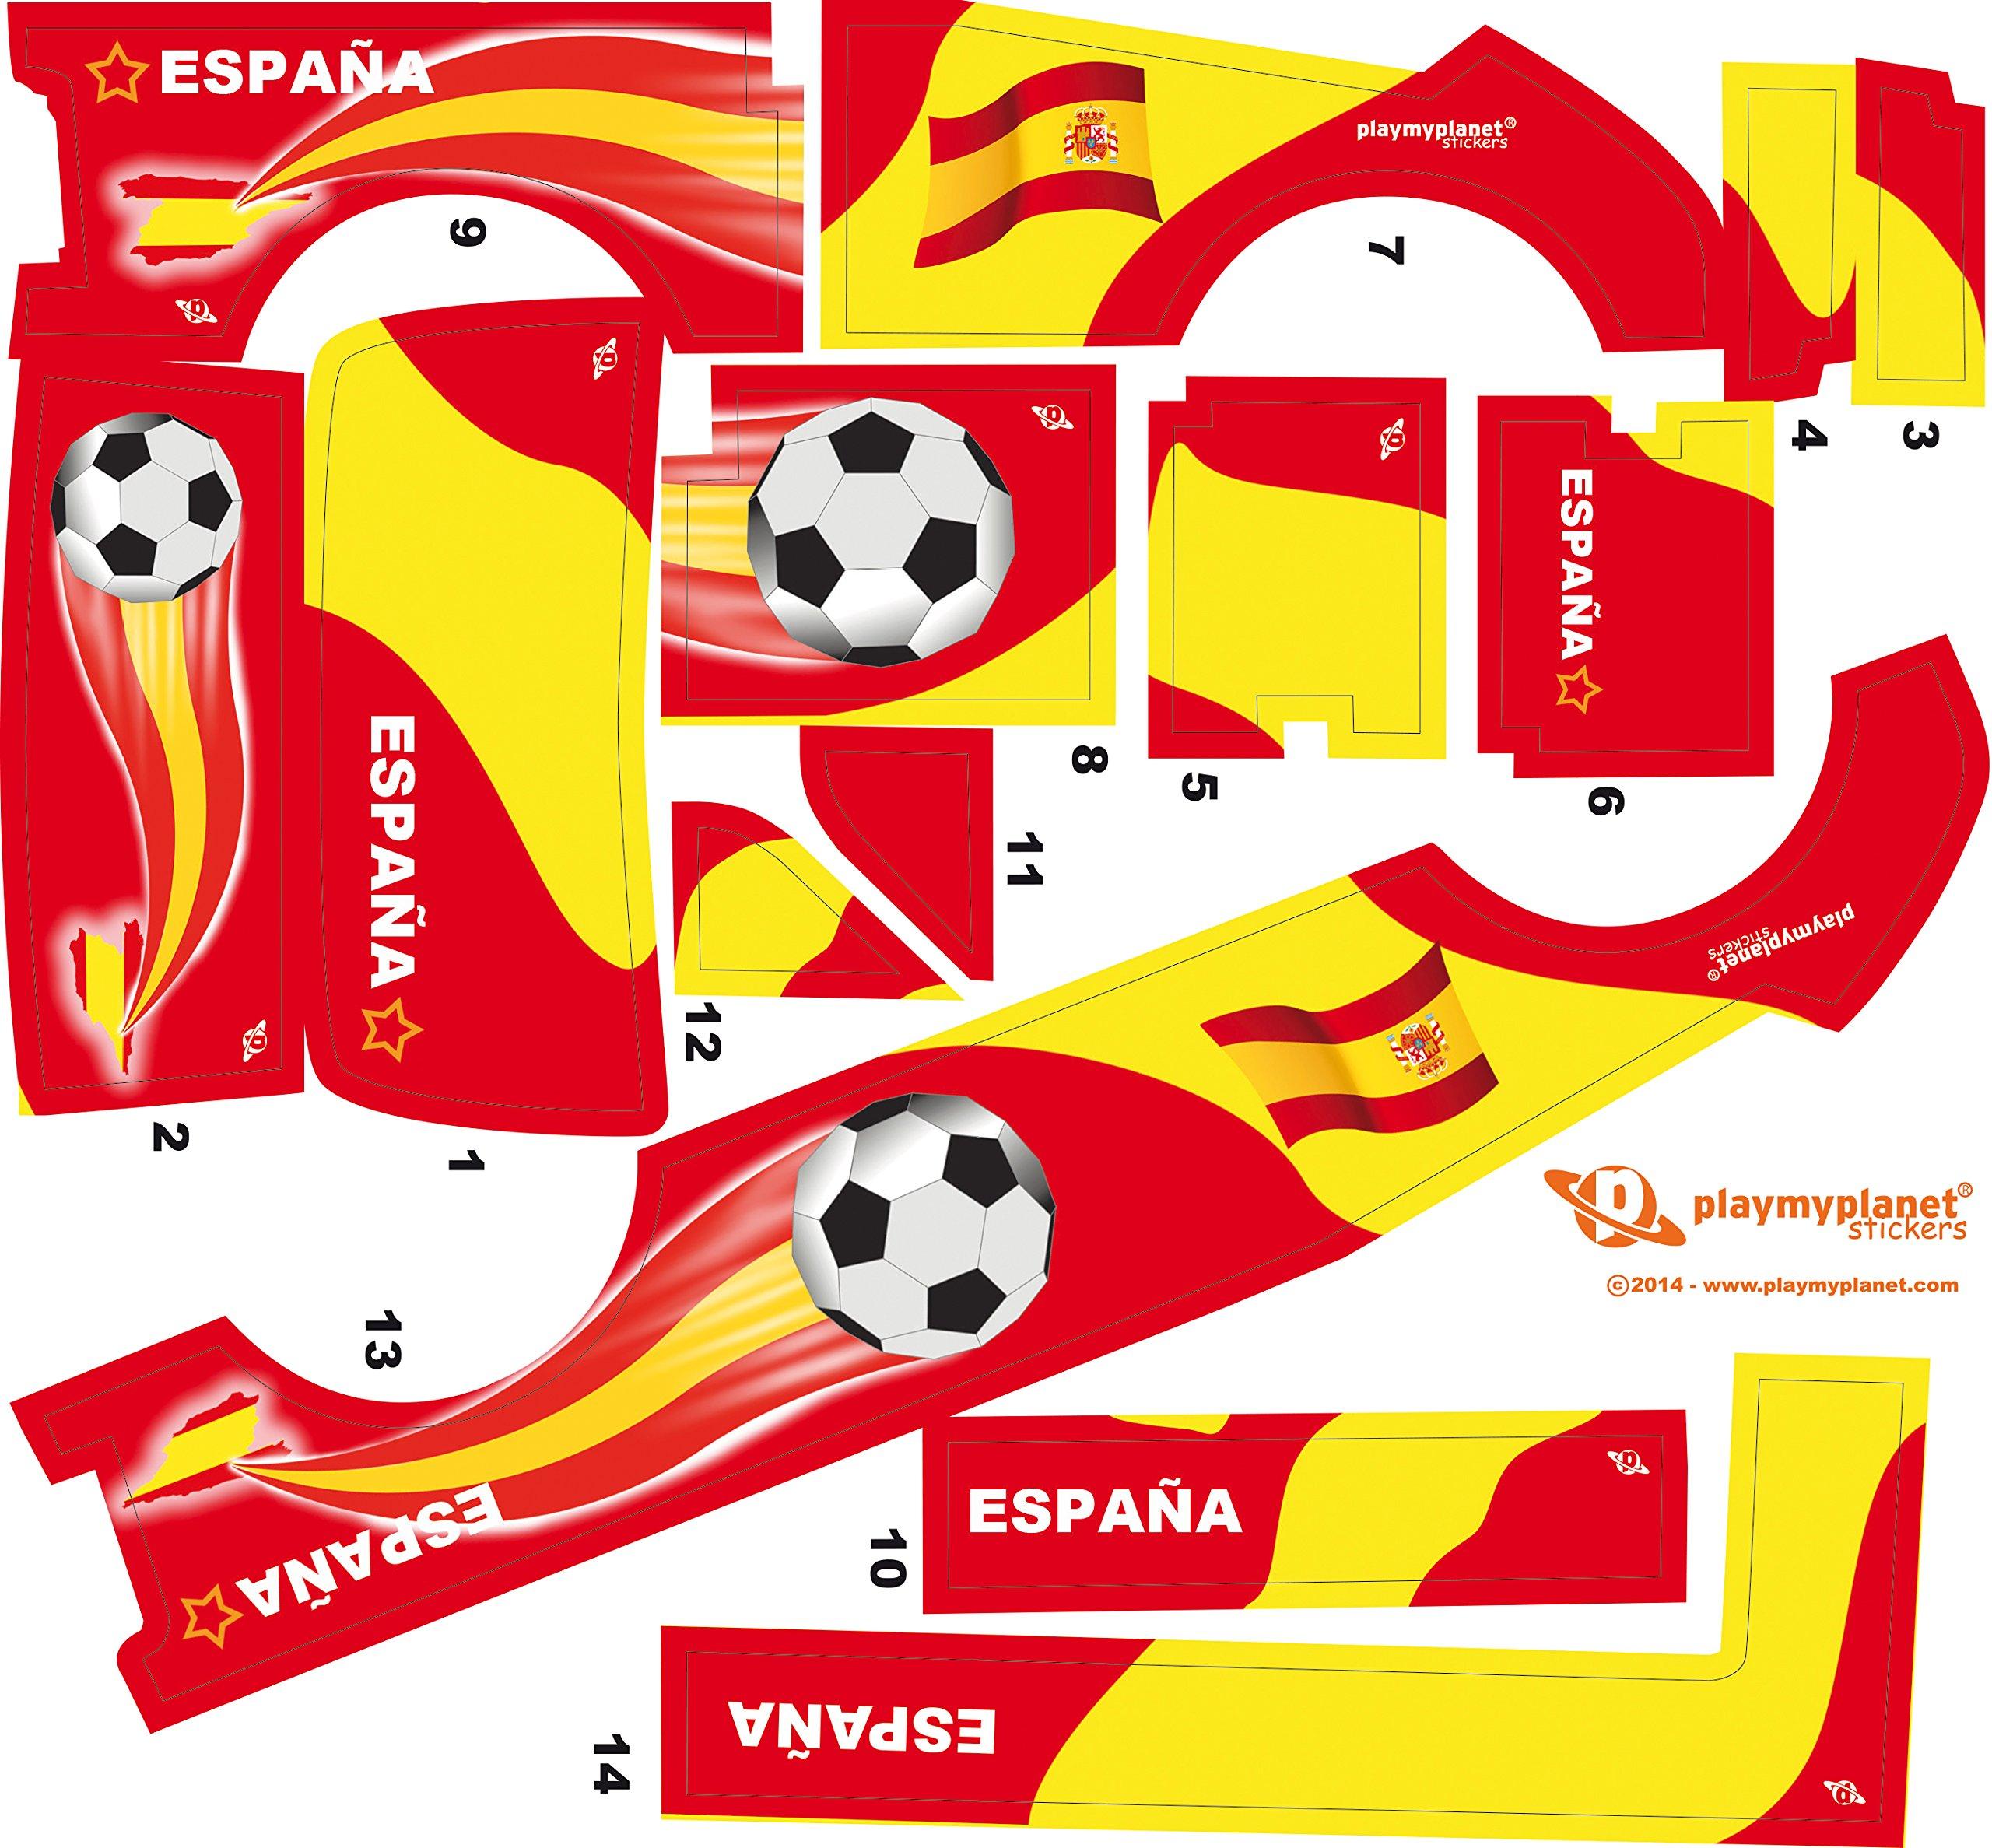 Stickers Adhesivos de Playmyplanet Fútbol España Compatibles con ...